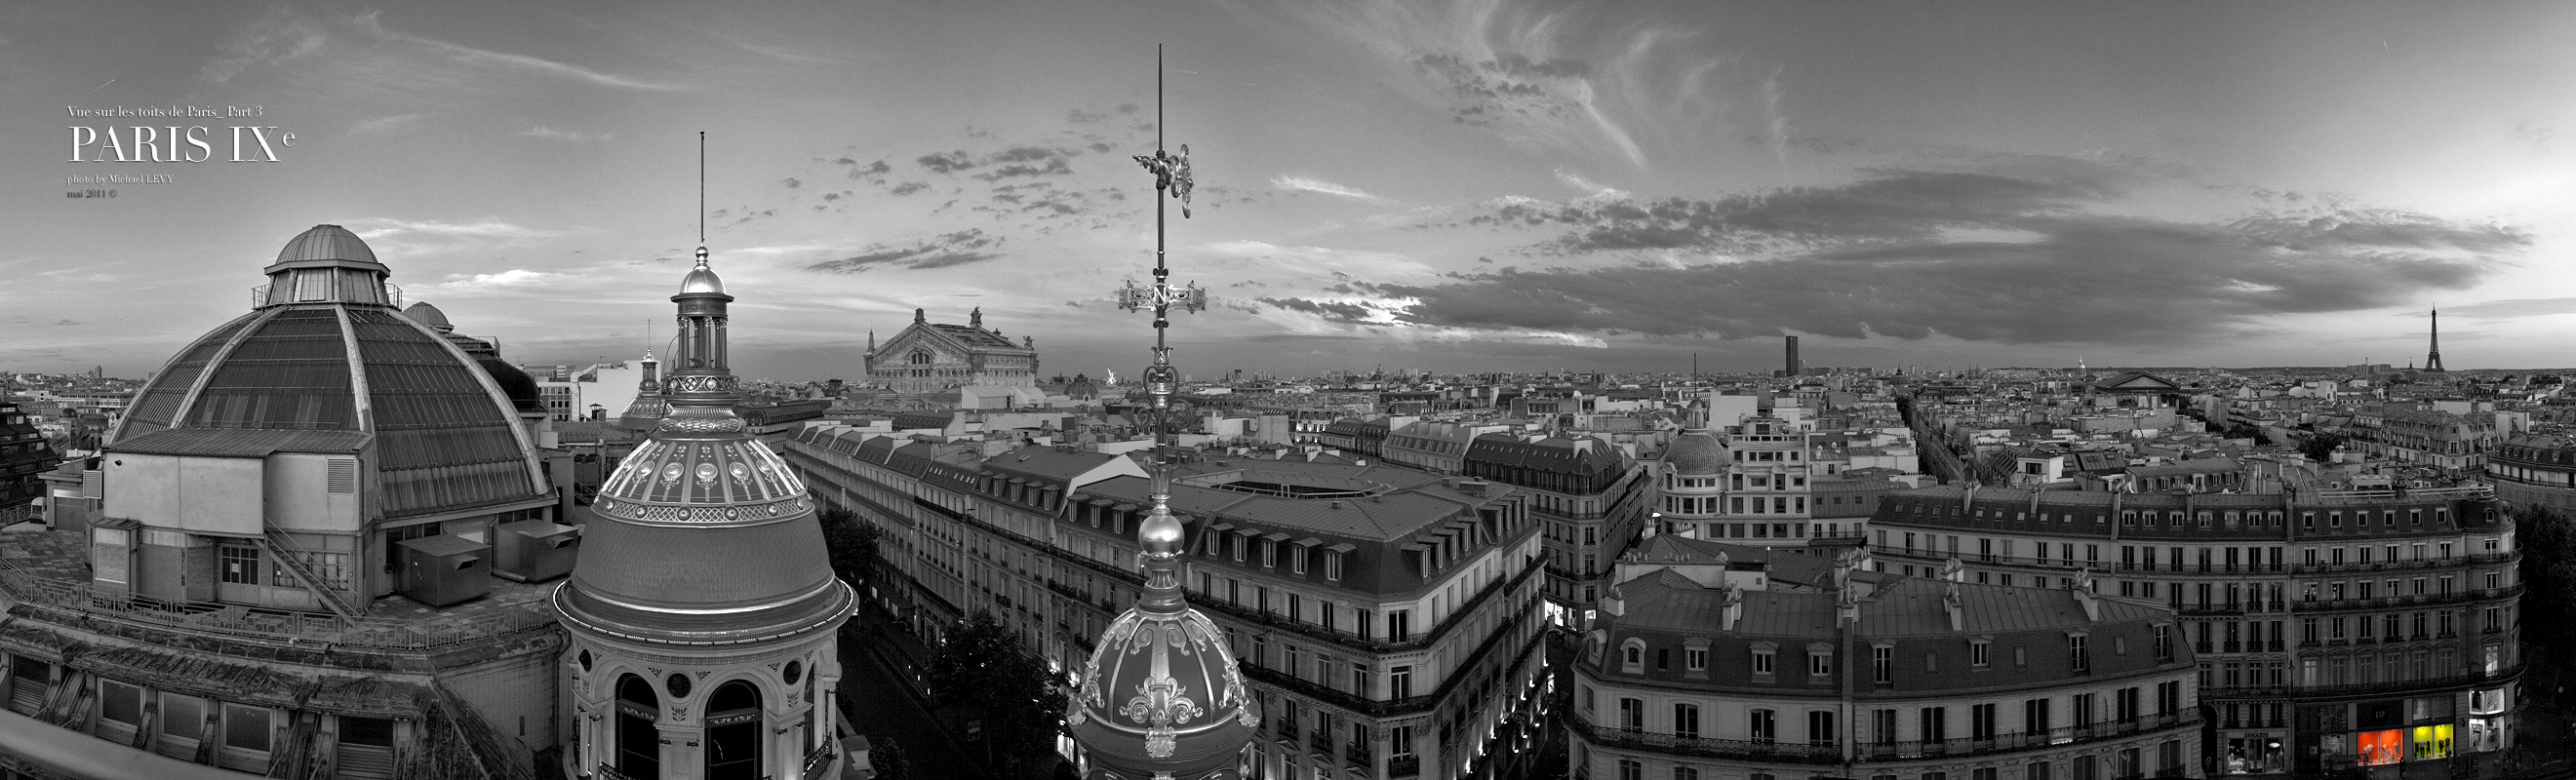 Populaire Toits de Paris : Photo Noir et Blanc Panoramique. | MICHAEL LEVY  IT87